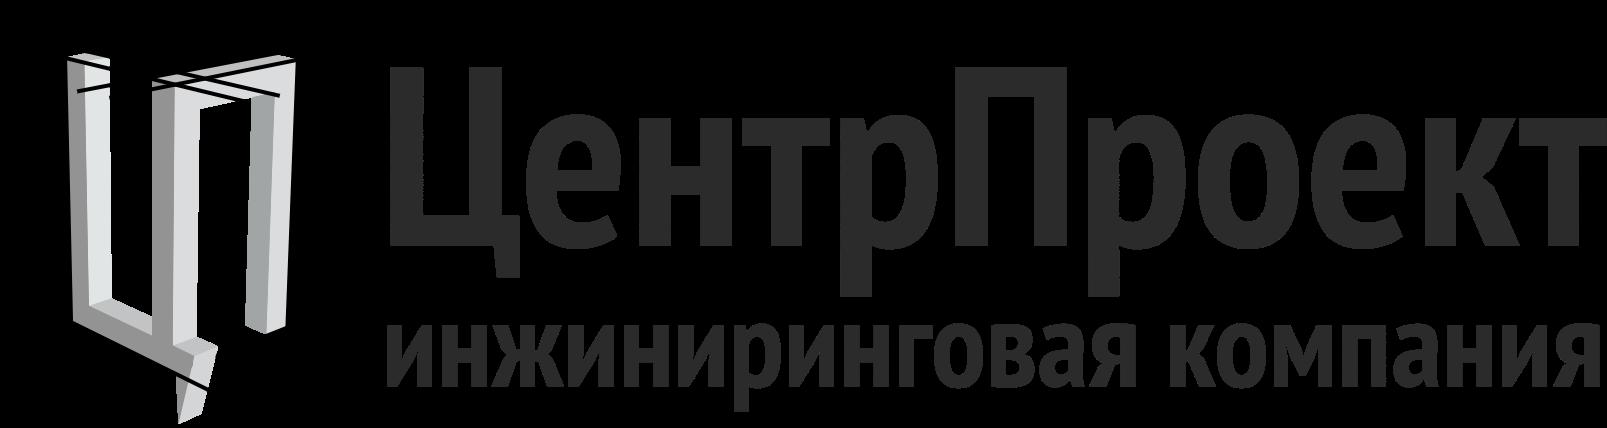 """ООО """"ИК ЦентрПроект"""""""